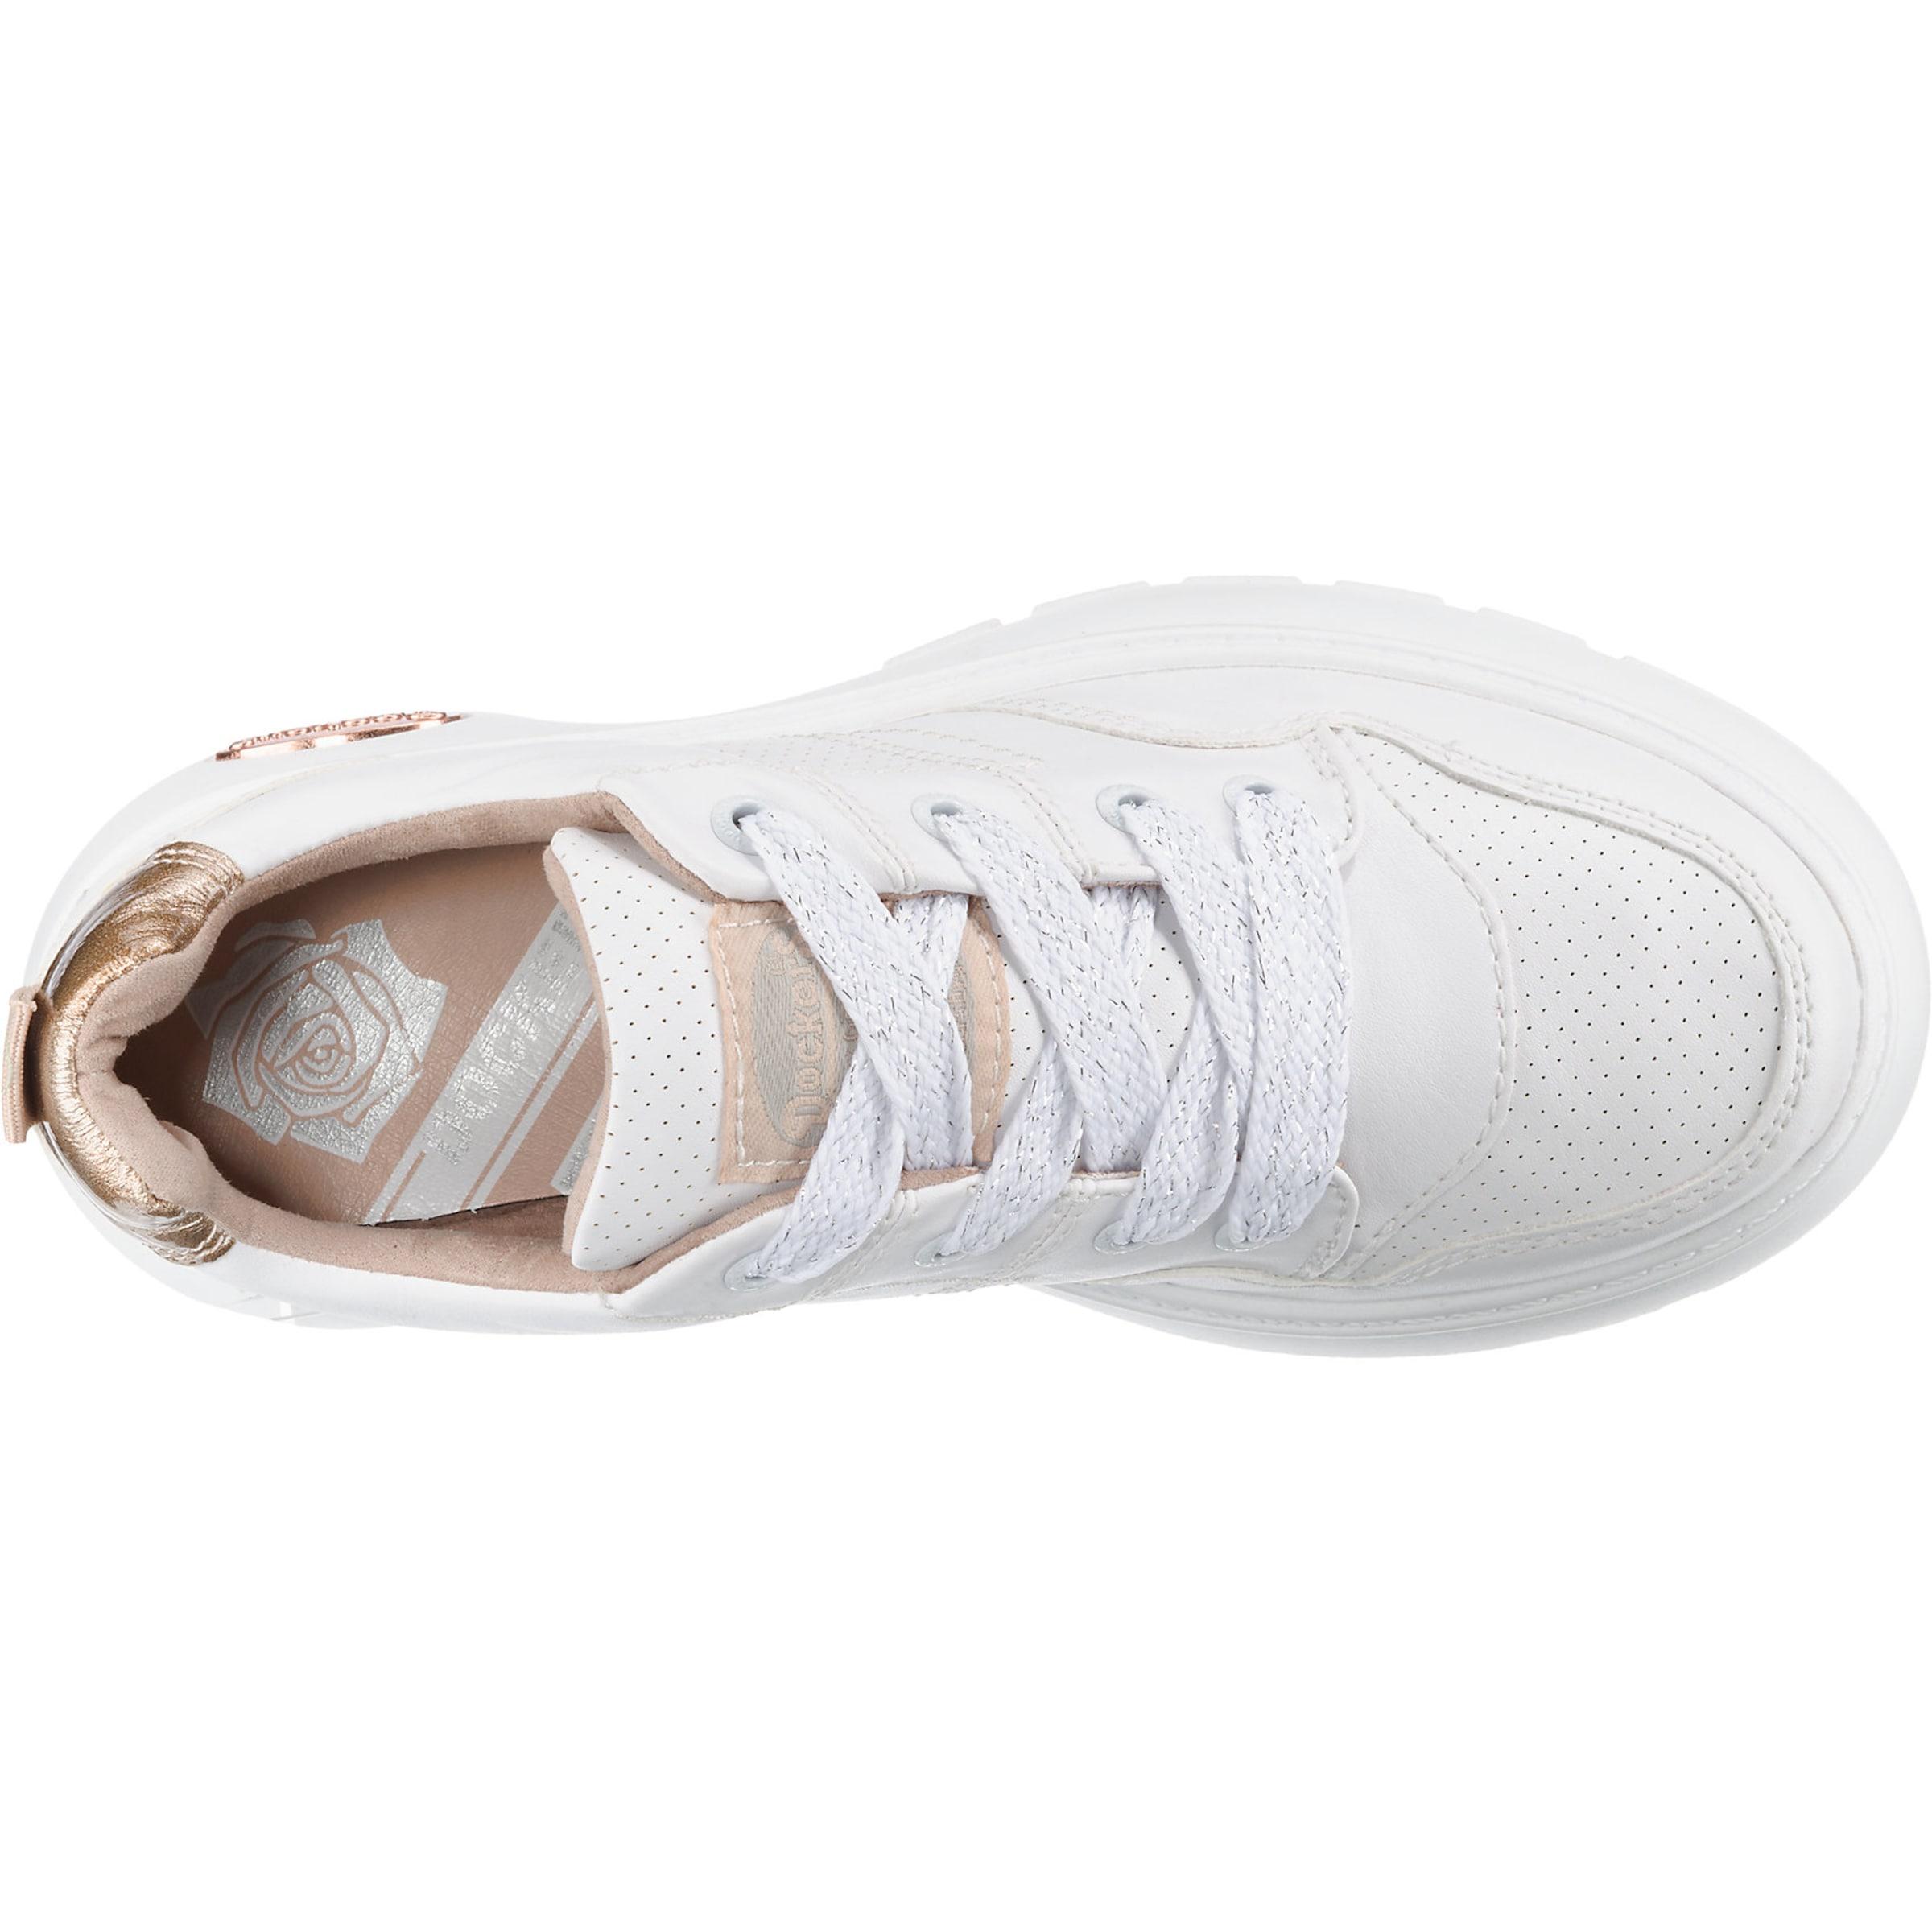 Blanc Basses By En Dockers Baskets Gerli mv8wN0n